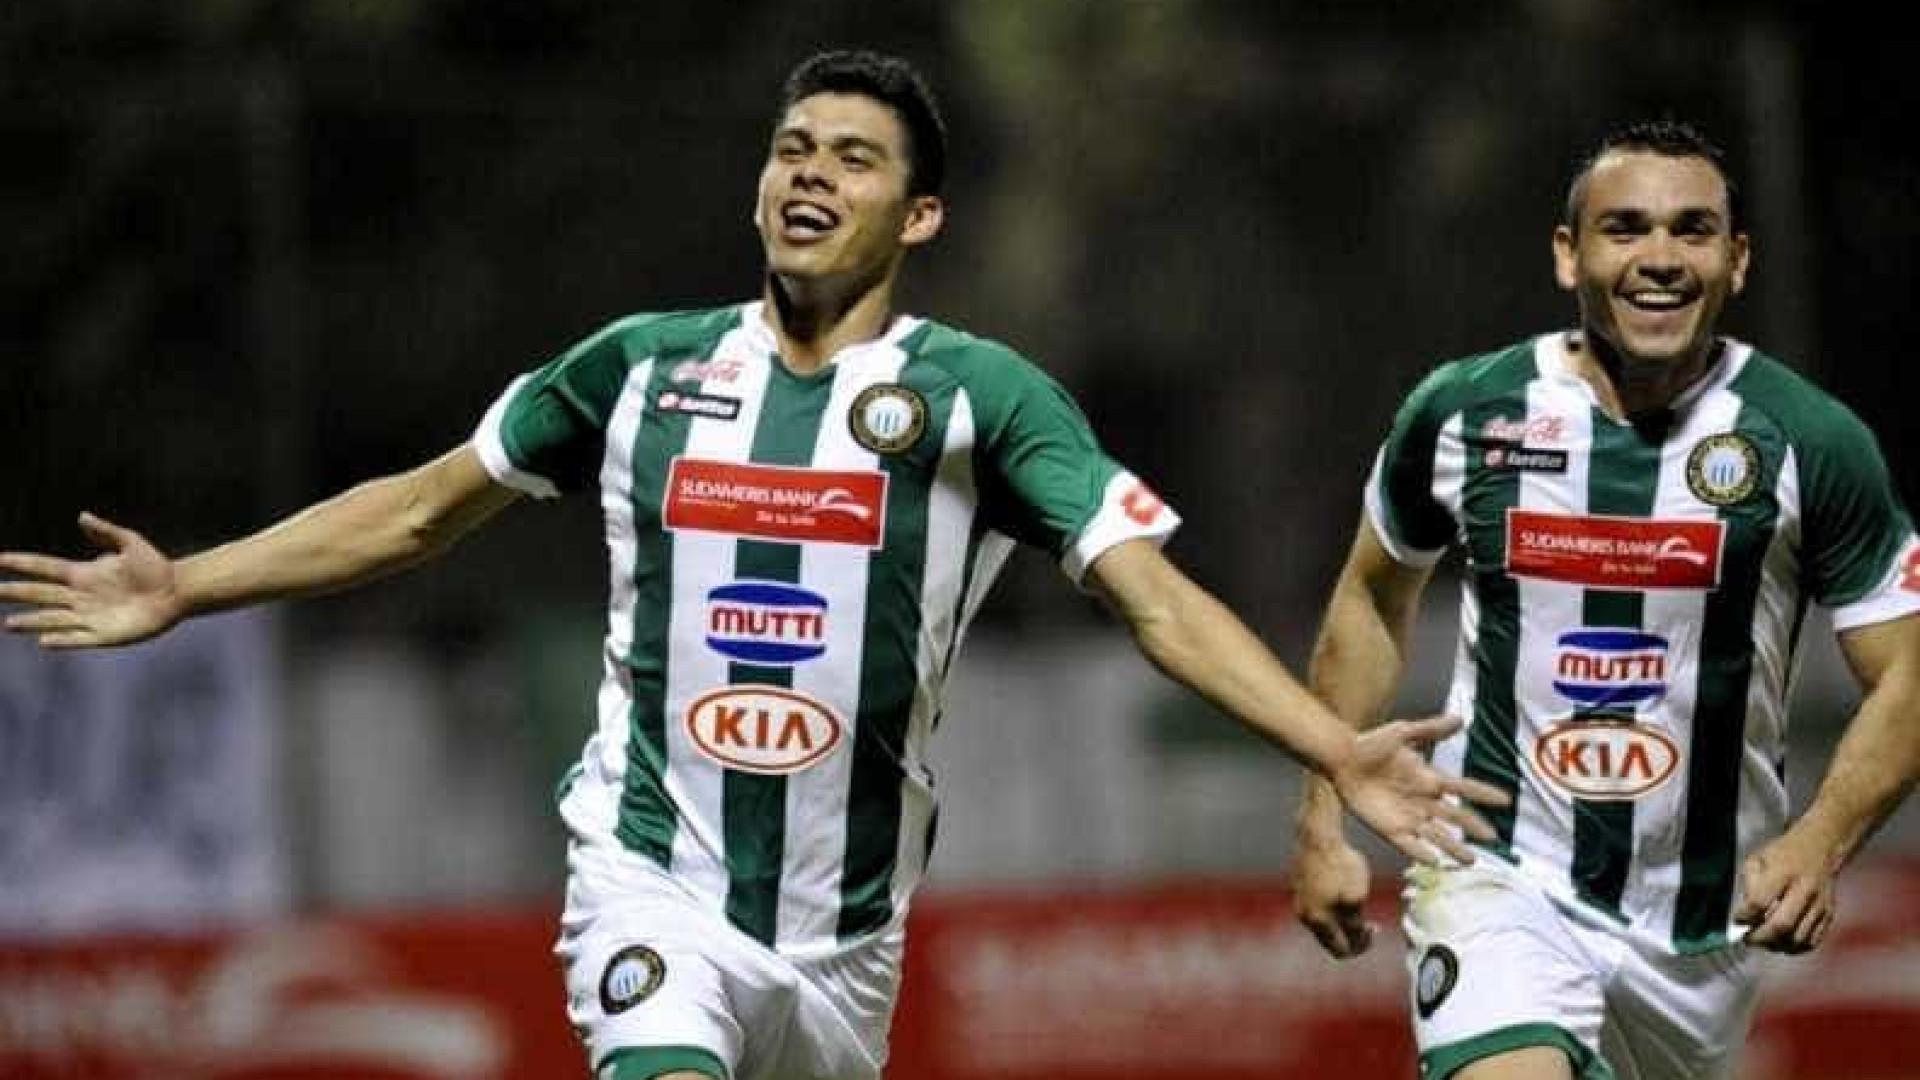 Santiago Irala revela estar a caminho do Dragão — FC Porto